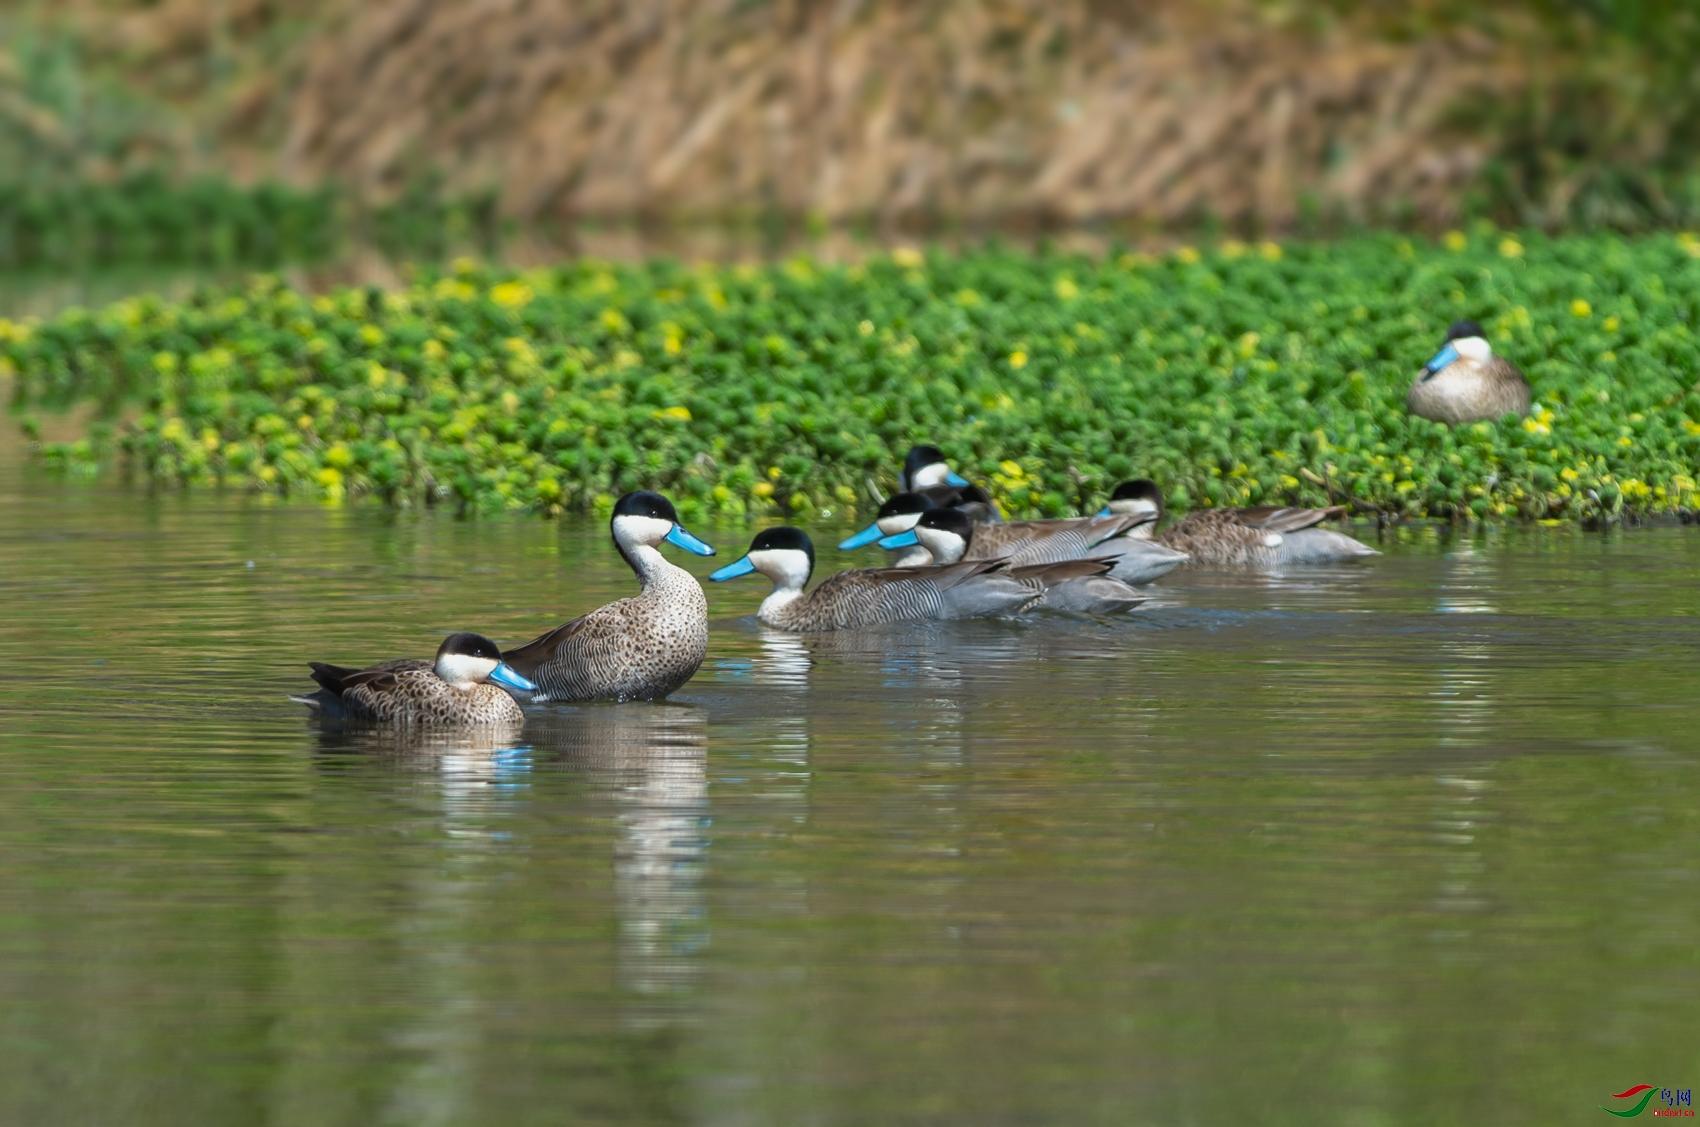 38_WZW9861-w蓝嘴硬尾鸭(雌).jpg